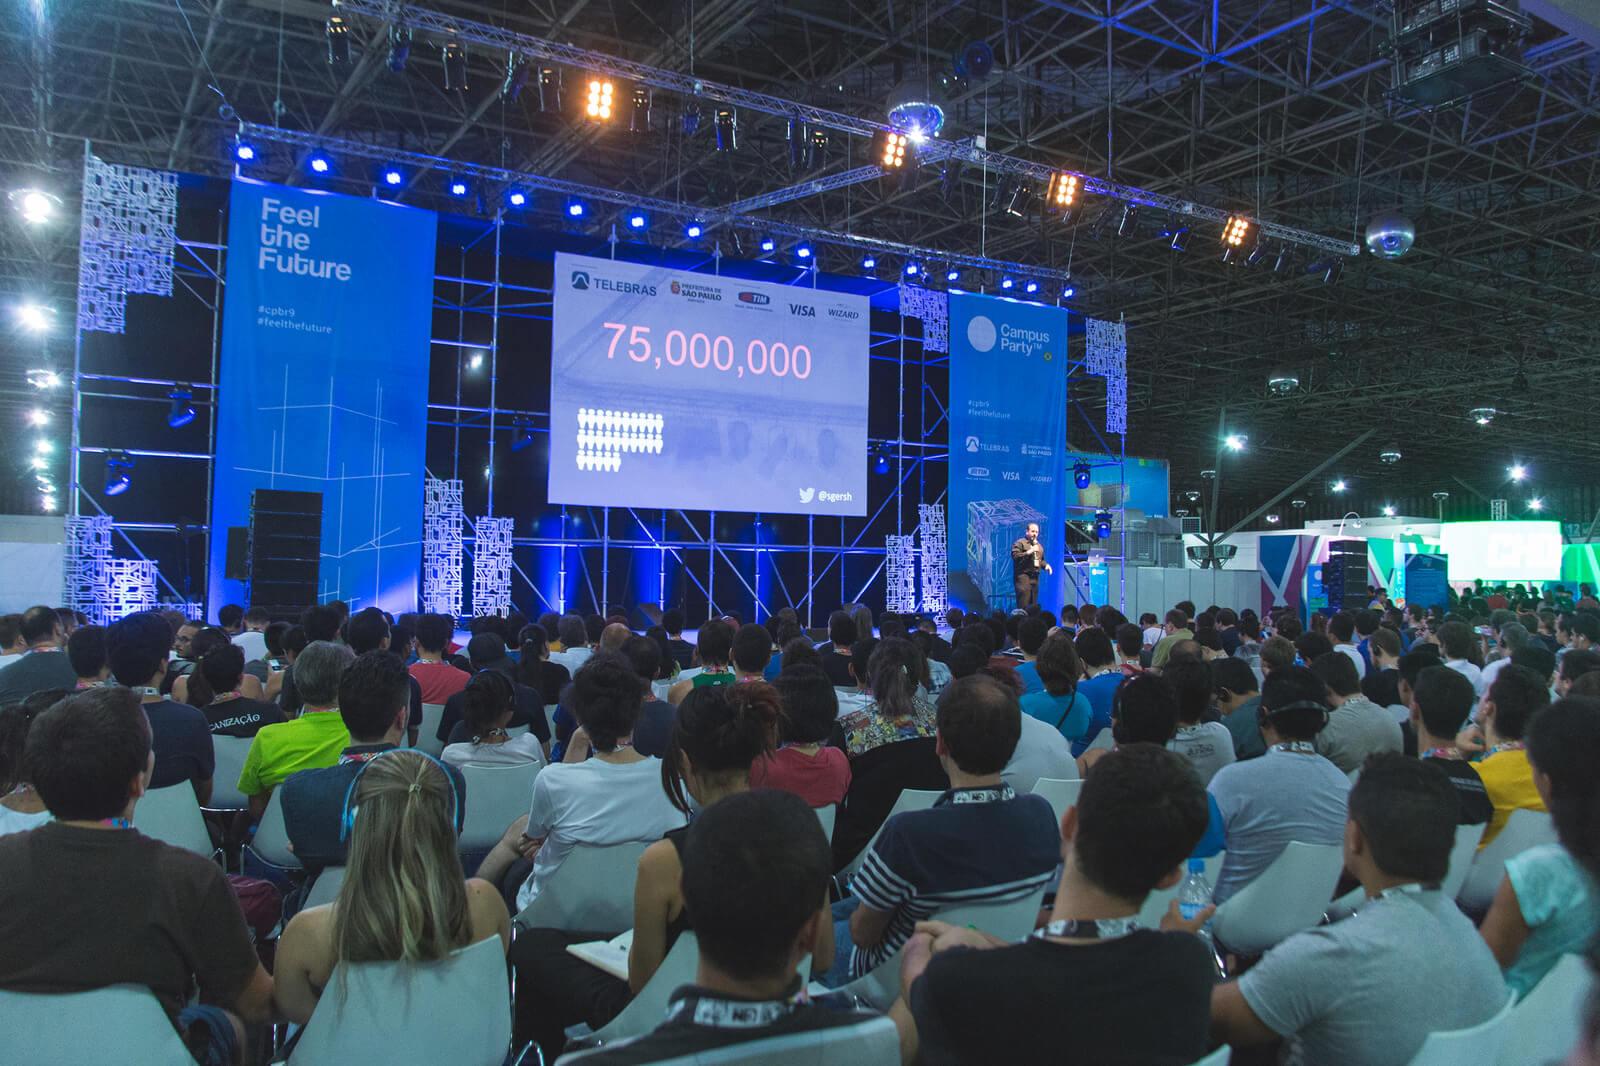 Este ano 100.000.000 de startups serão criadas. 75% delas vão falhar.